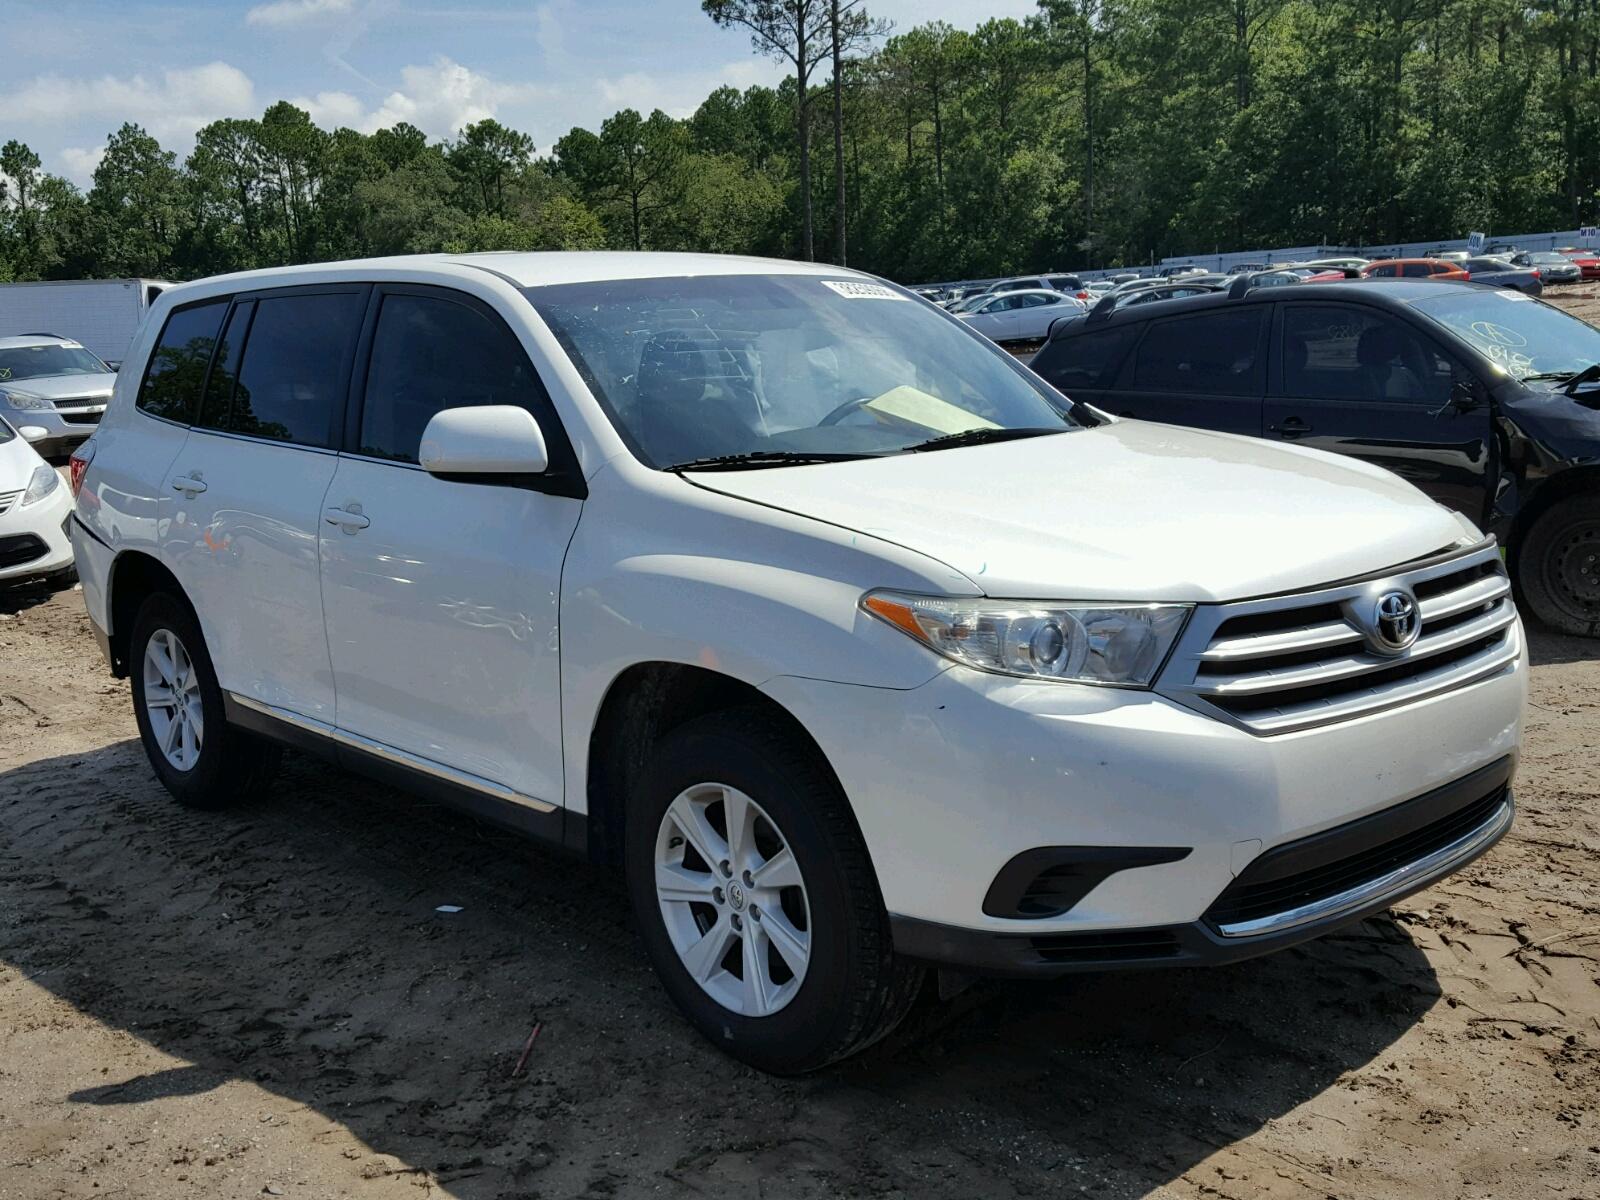 2013 Toyota Highlander for sale at Copart Jacksonville FL Lot